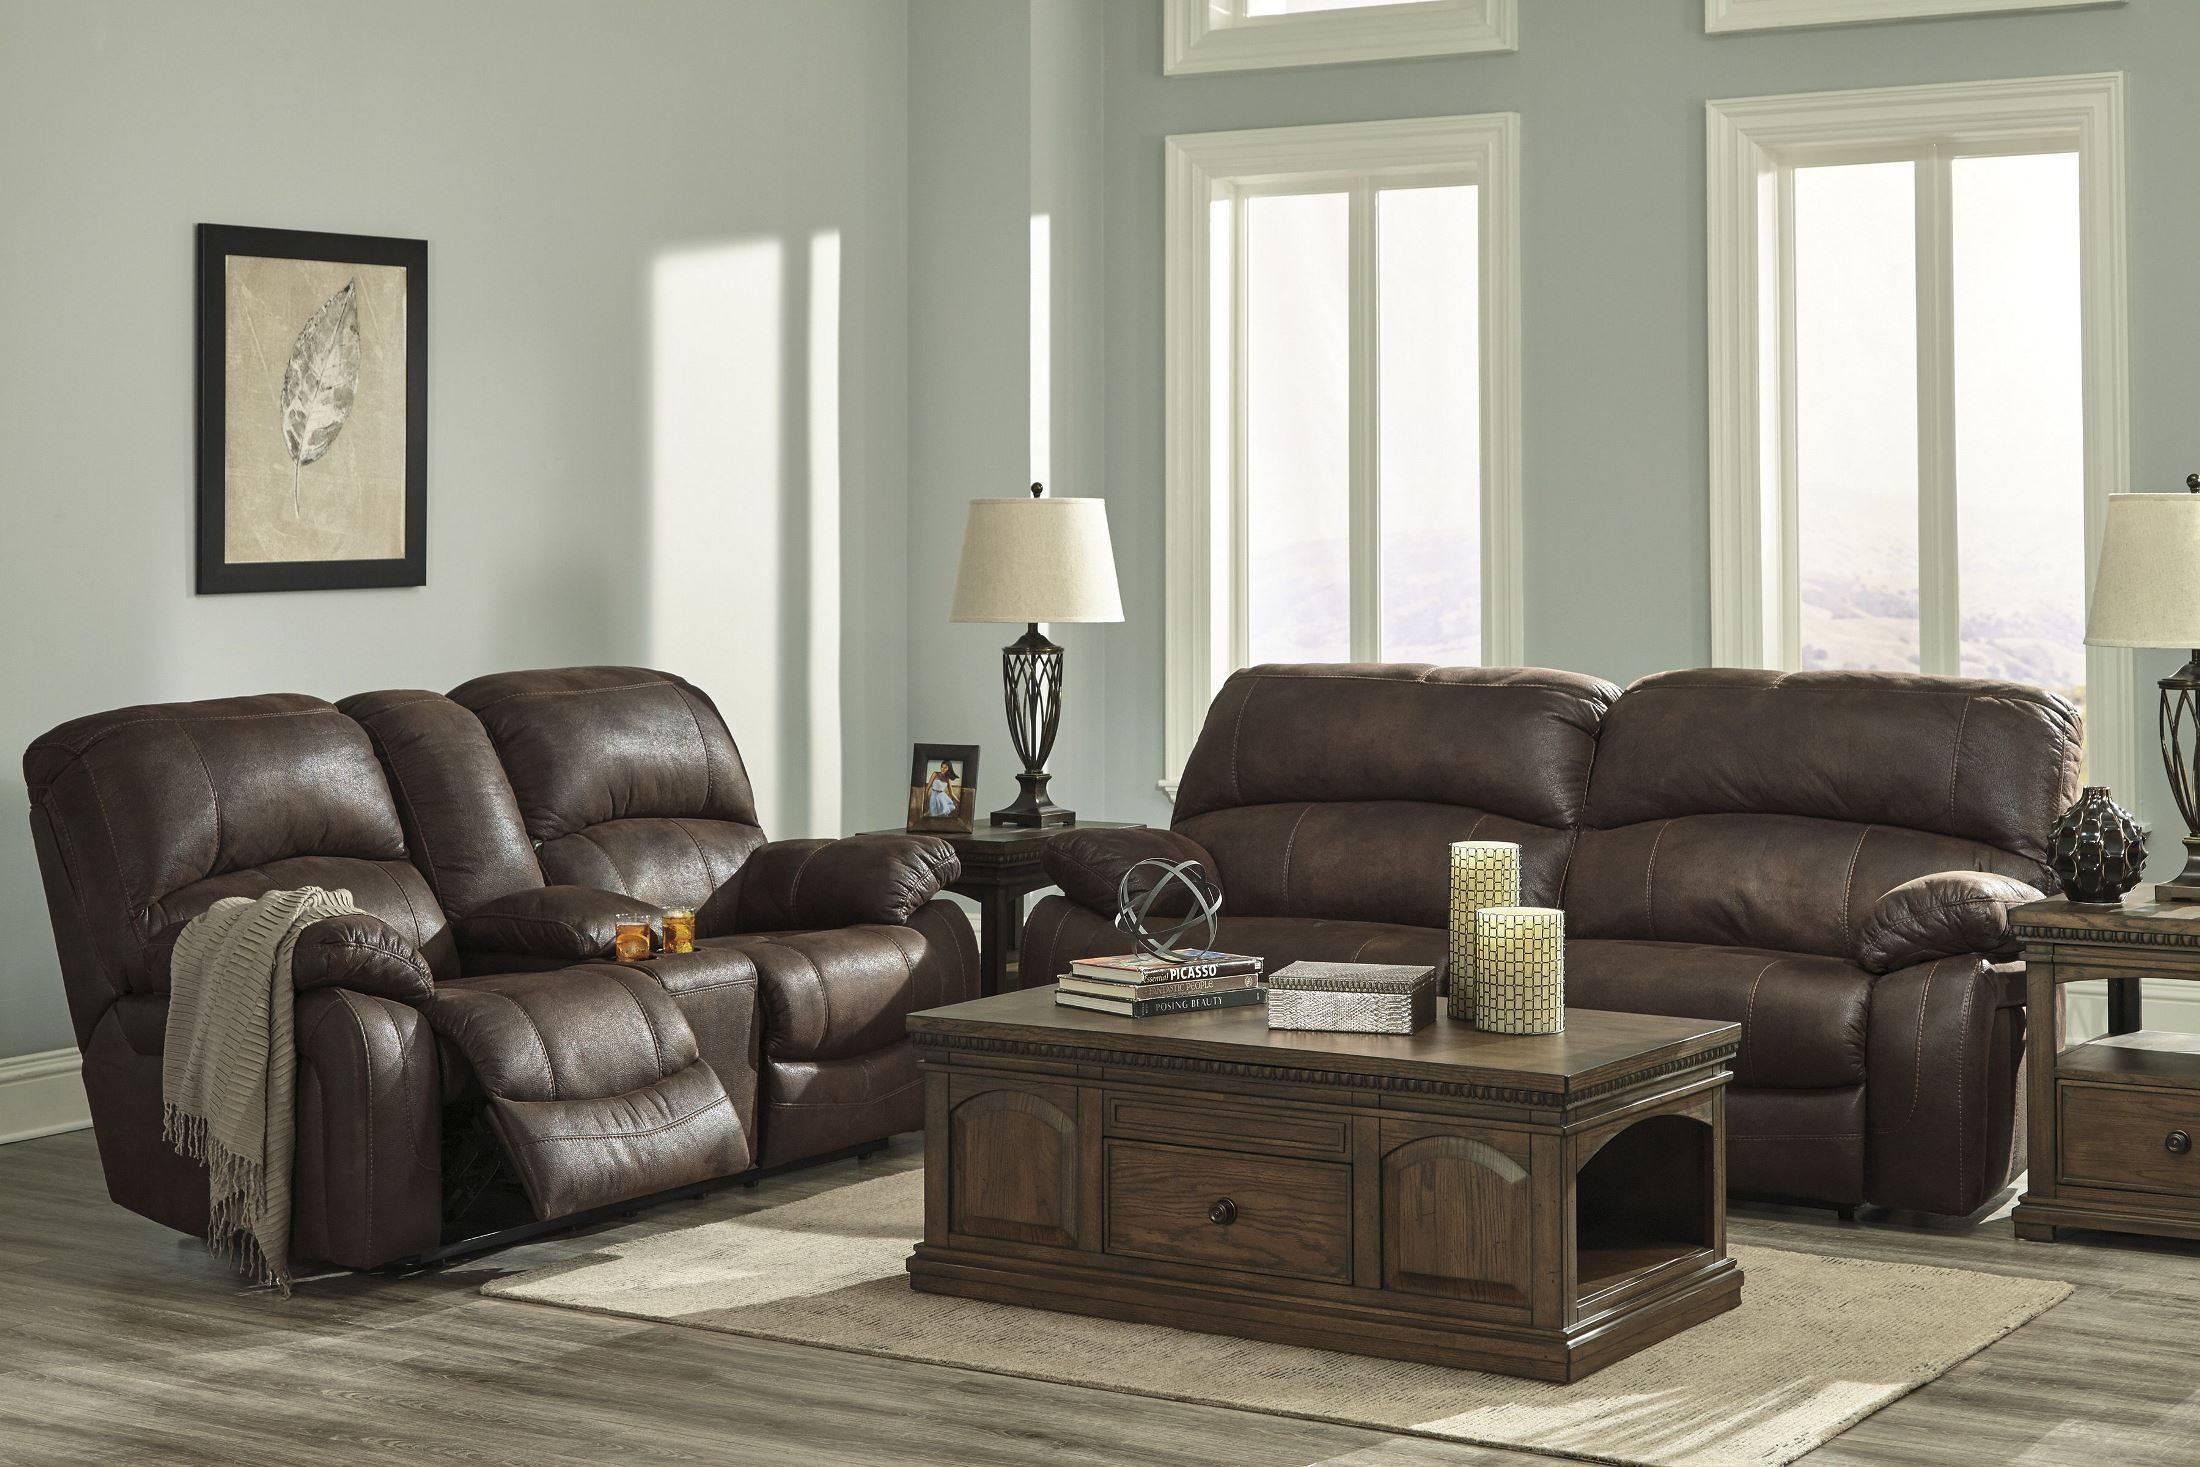 Bradington Truffle Sofa | Imonics within Bradington Truffle (Image 7 of 15)